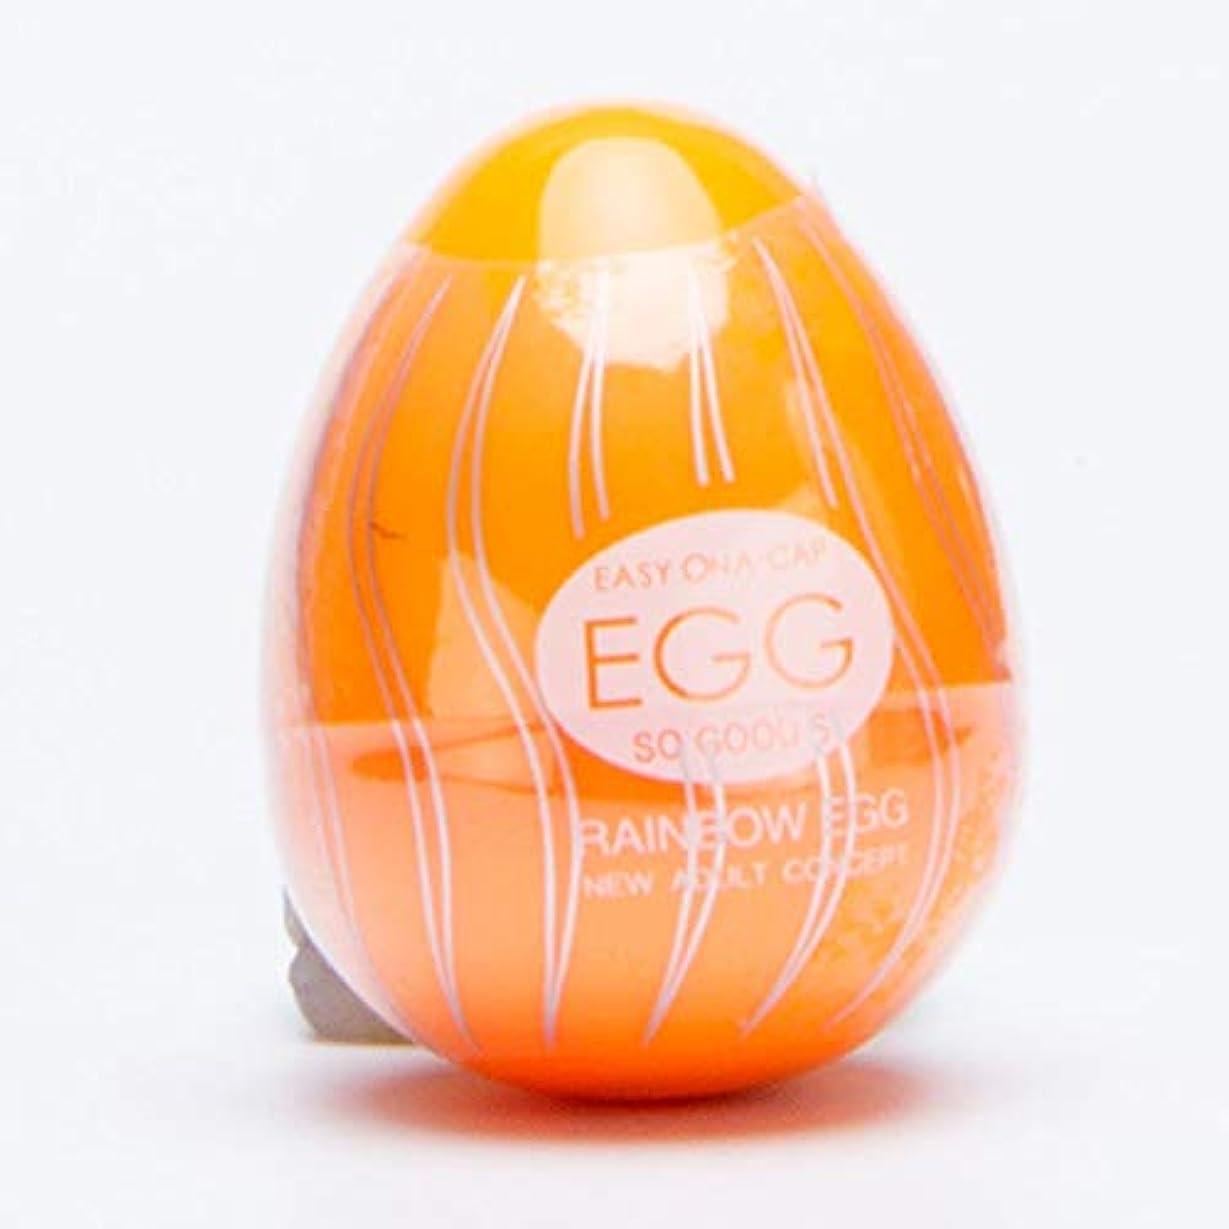 専門知識クライストチャーチ四半期Rabugoo 大人のおもちゃ 男性の性のおもちゃの陰茎のマッサージャーの喜びのセックスレインボーエッグ オレンジ